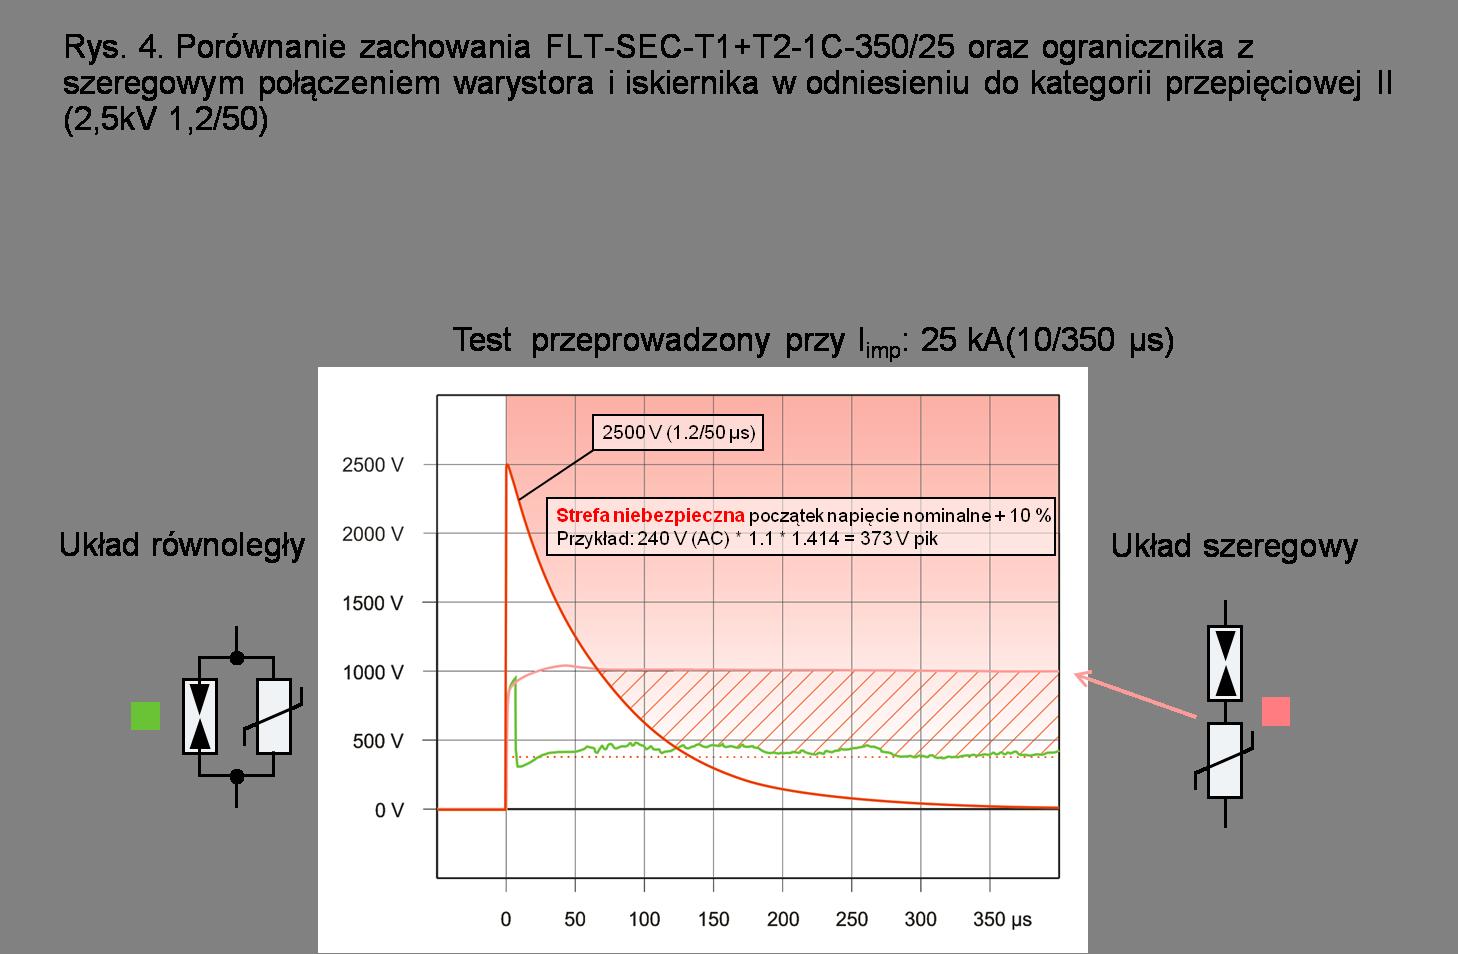 Porównanie zachowania FLT-SEC-T1+T2-1C-350/25 oraz ogranicznika z szeregowym połączeniem warystora i iskiernika w odniesieniu do kategorii przepięciowej II (2,5 kV 1,2/50)